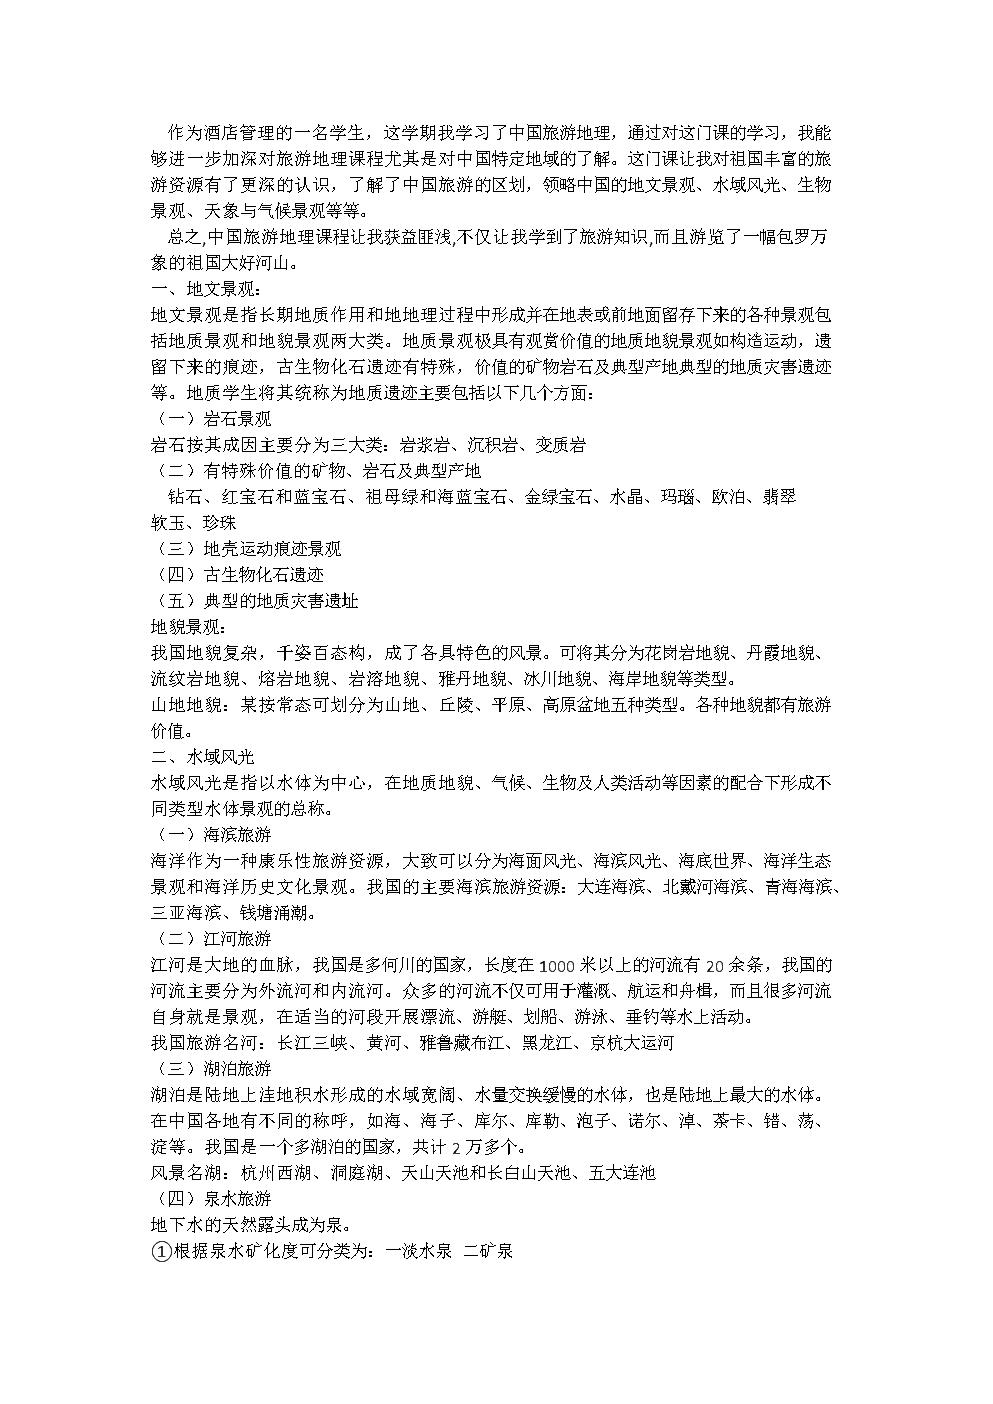 中国旅游地理期末总结作业.doc